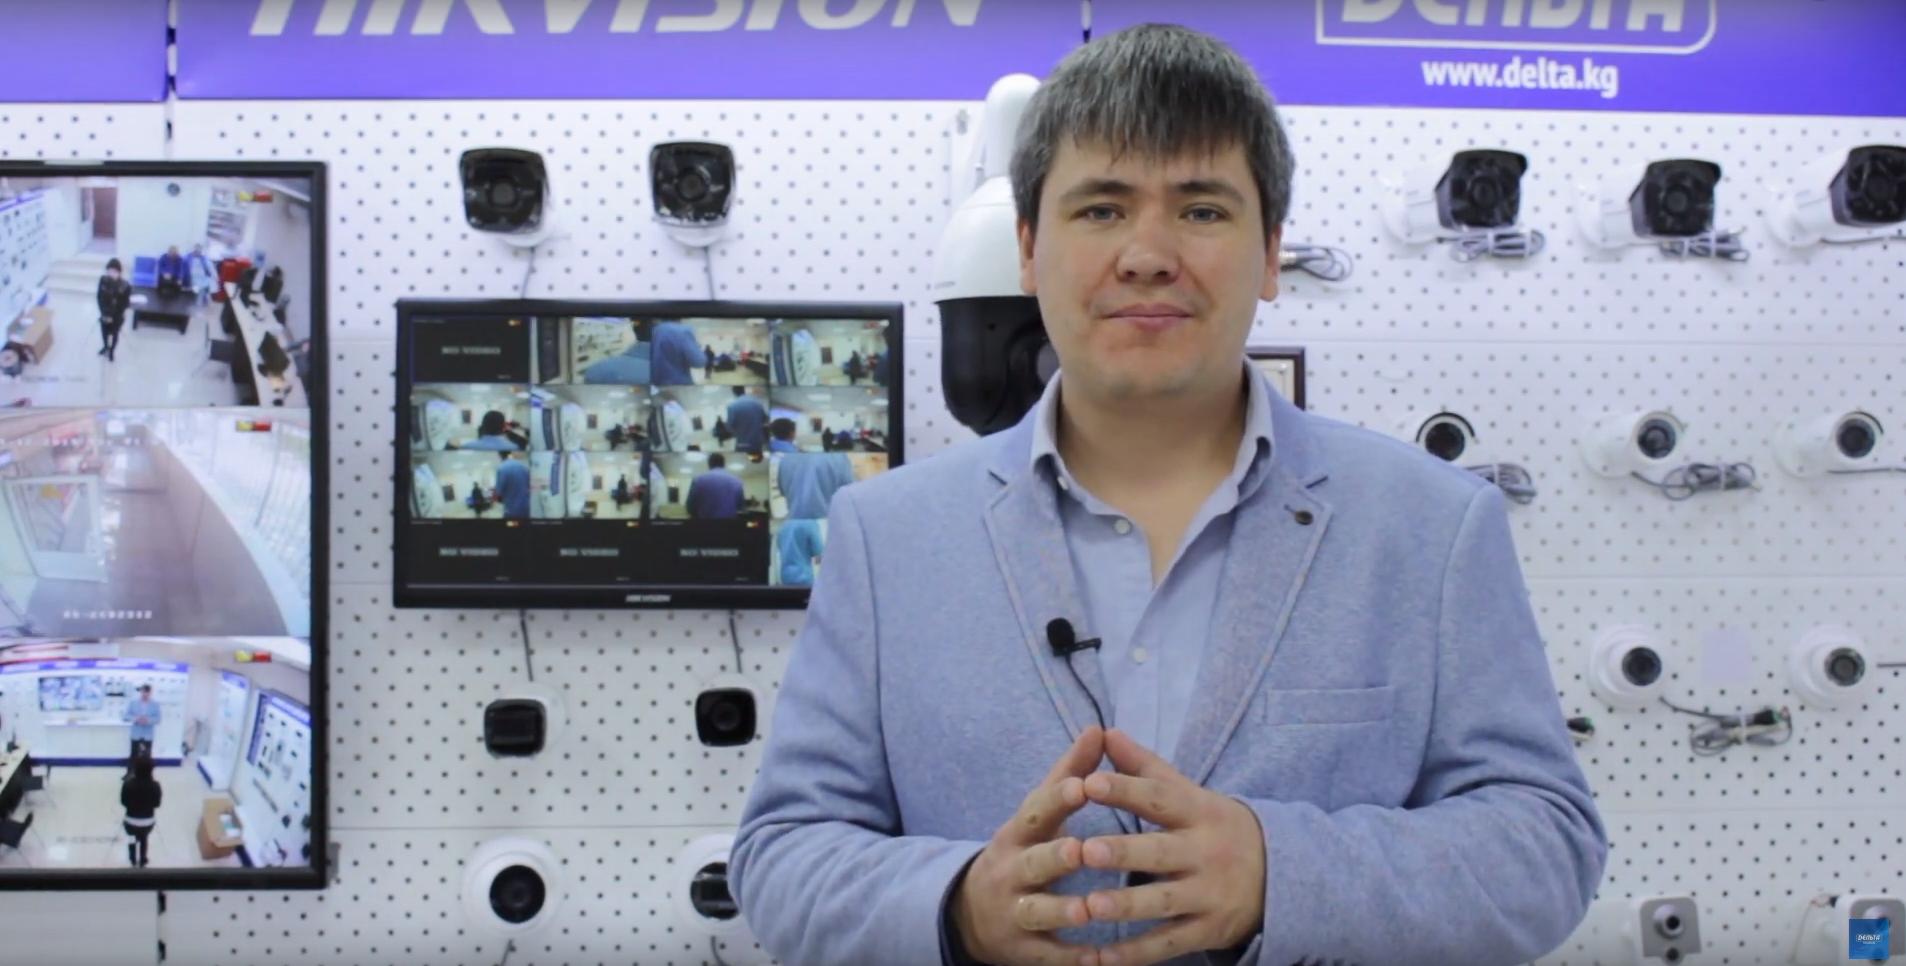 Новинки! Целых 4 линейки умных видеокамер по очень приятным ценам от Hikvision